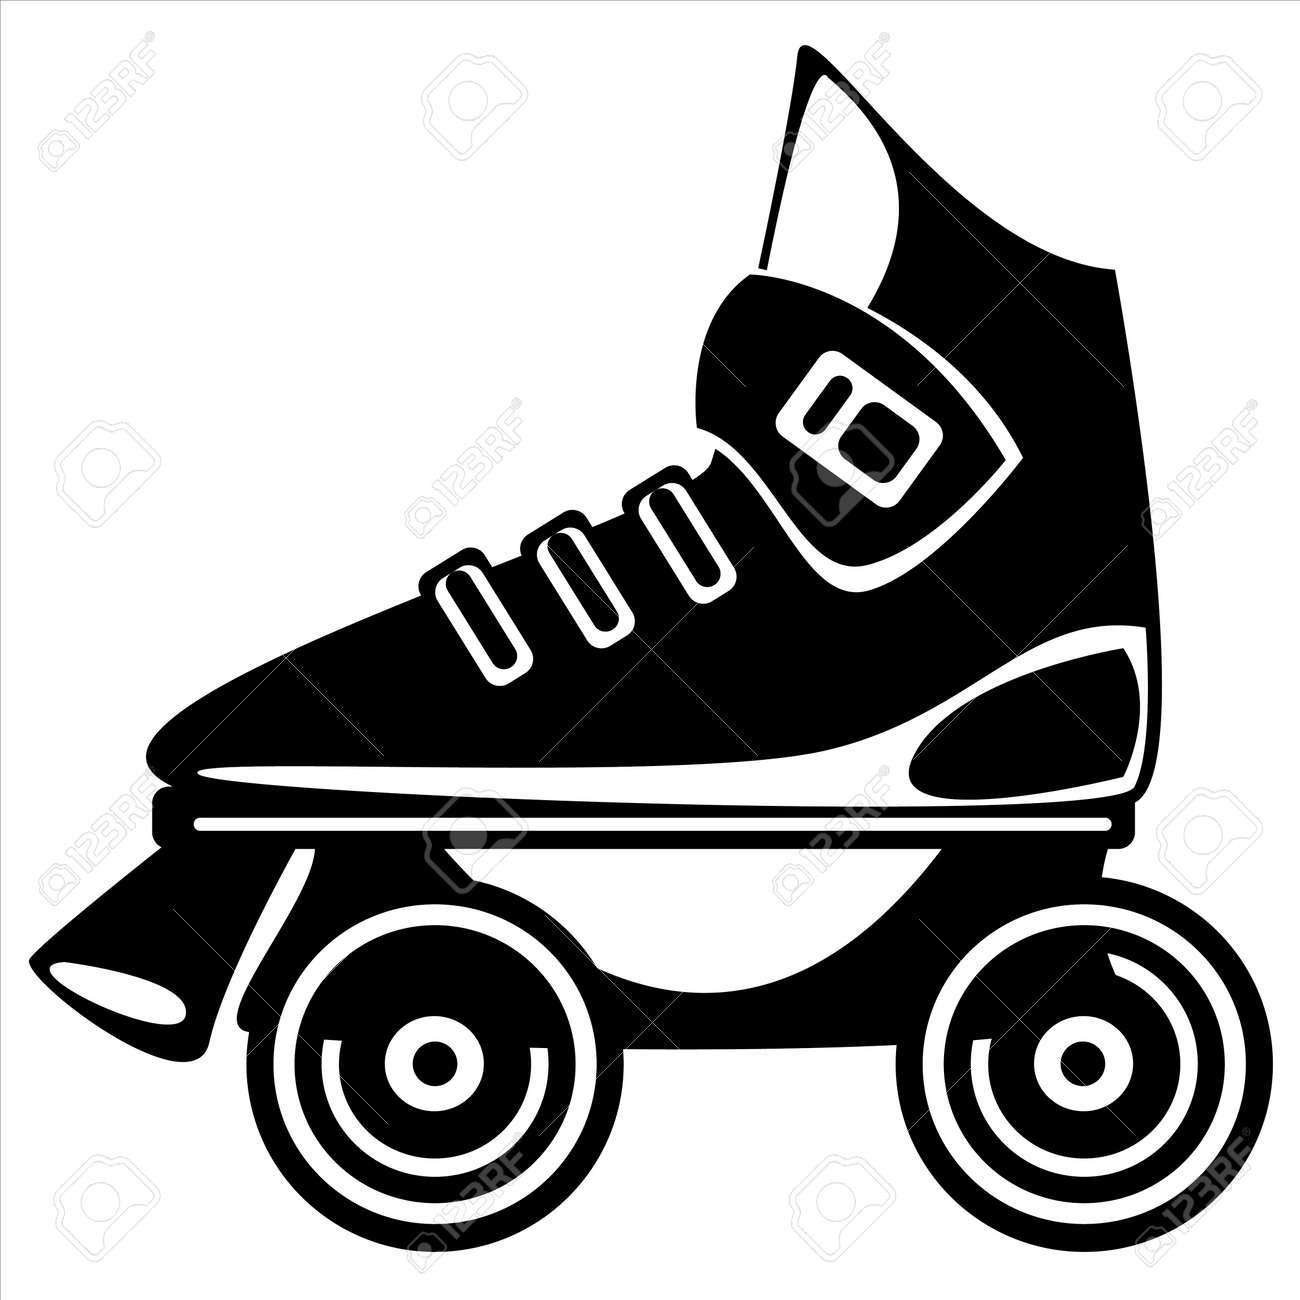 Roller skates for free - Vector Roller Skate On White Background